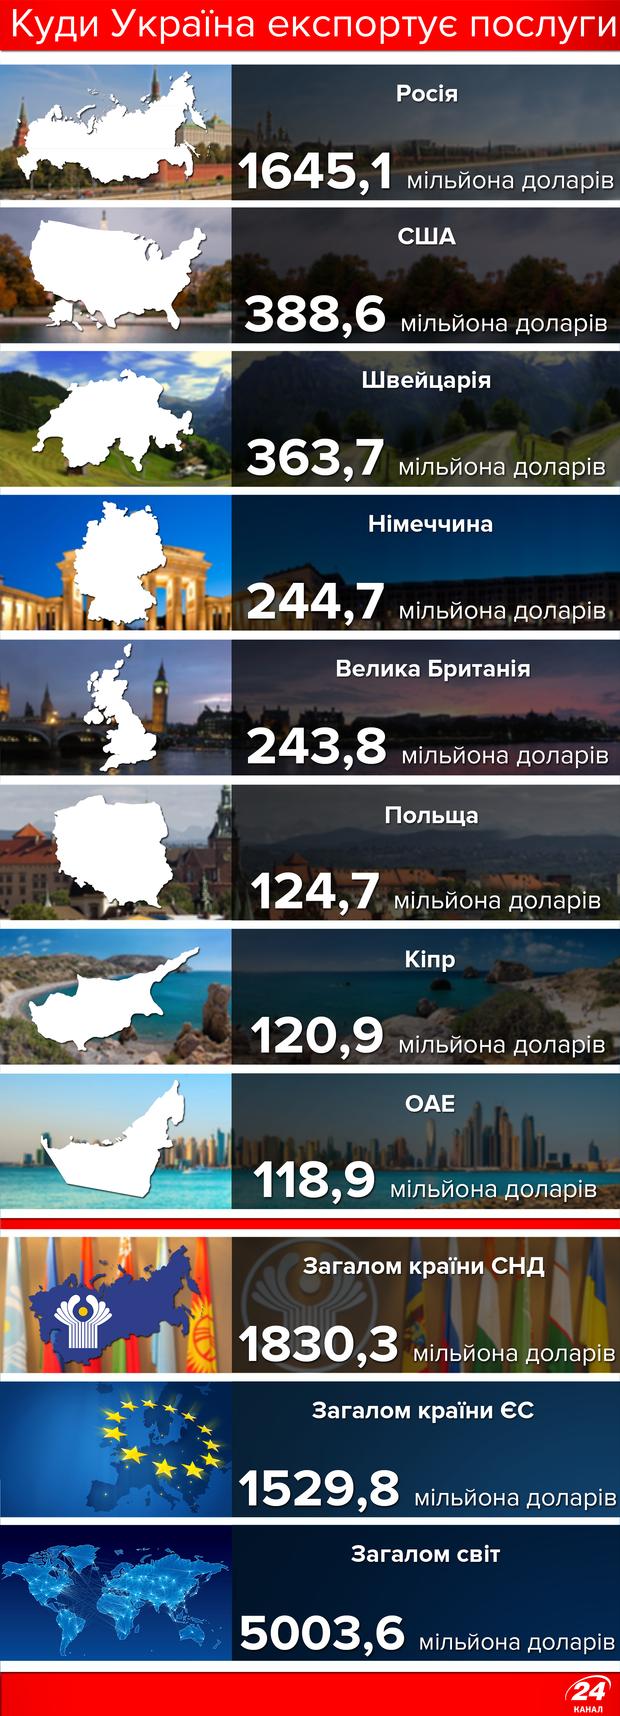 Куди Україна експортує послуги